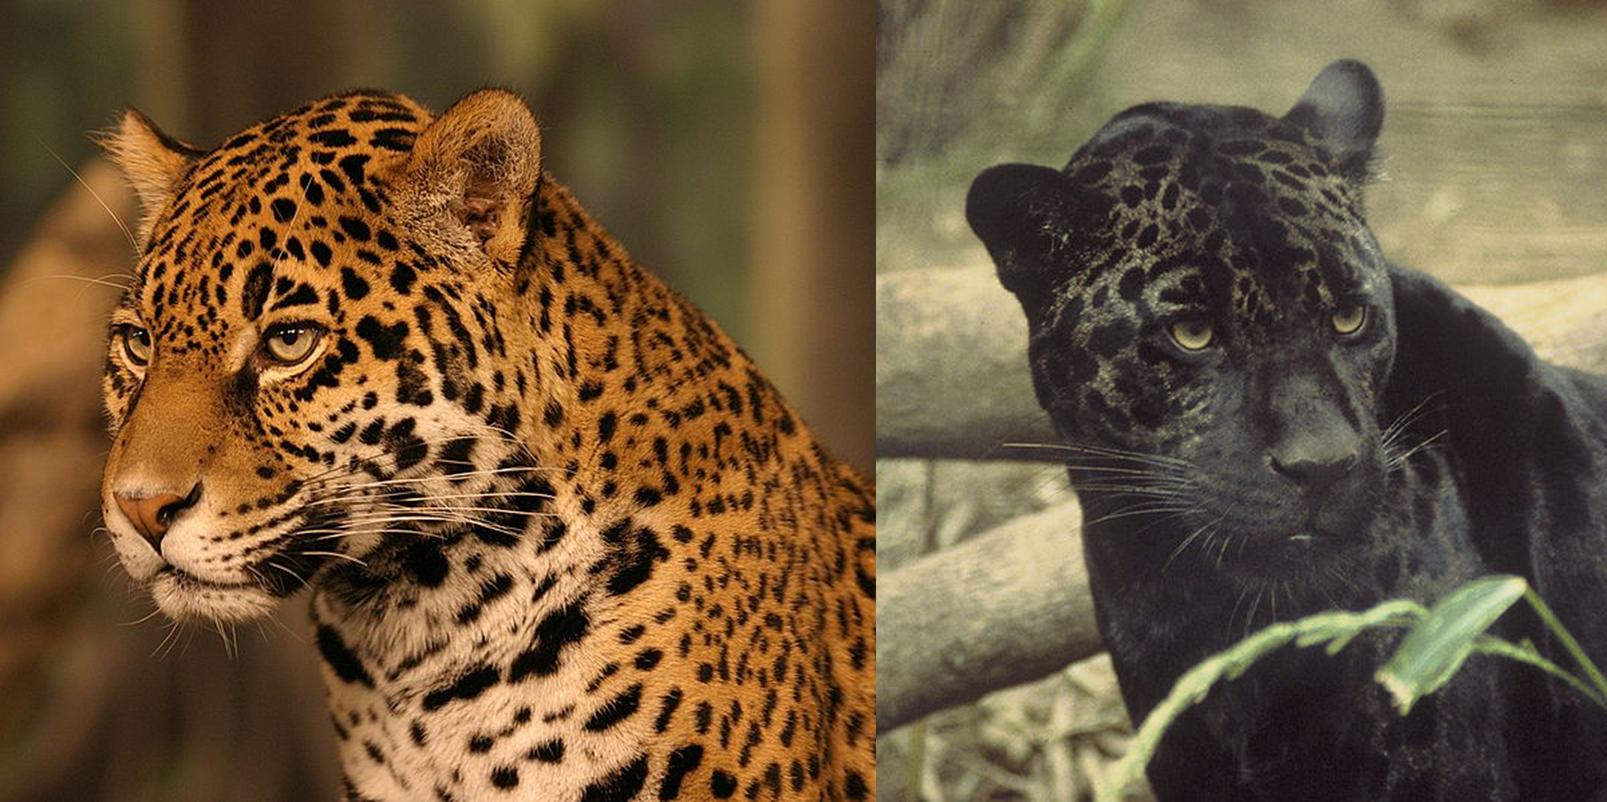 Przykład polimorfizmu u jaguarów. /źródło: wiki; żółty jaguar: Cburnett (CC BY-SA 3.0); czarny jaguar: domena publiczna